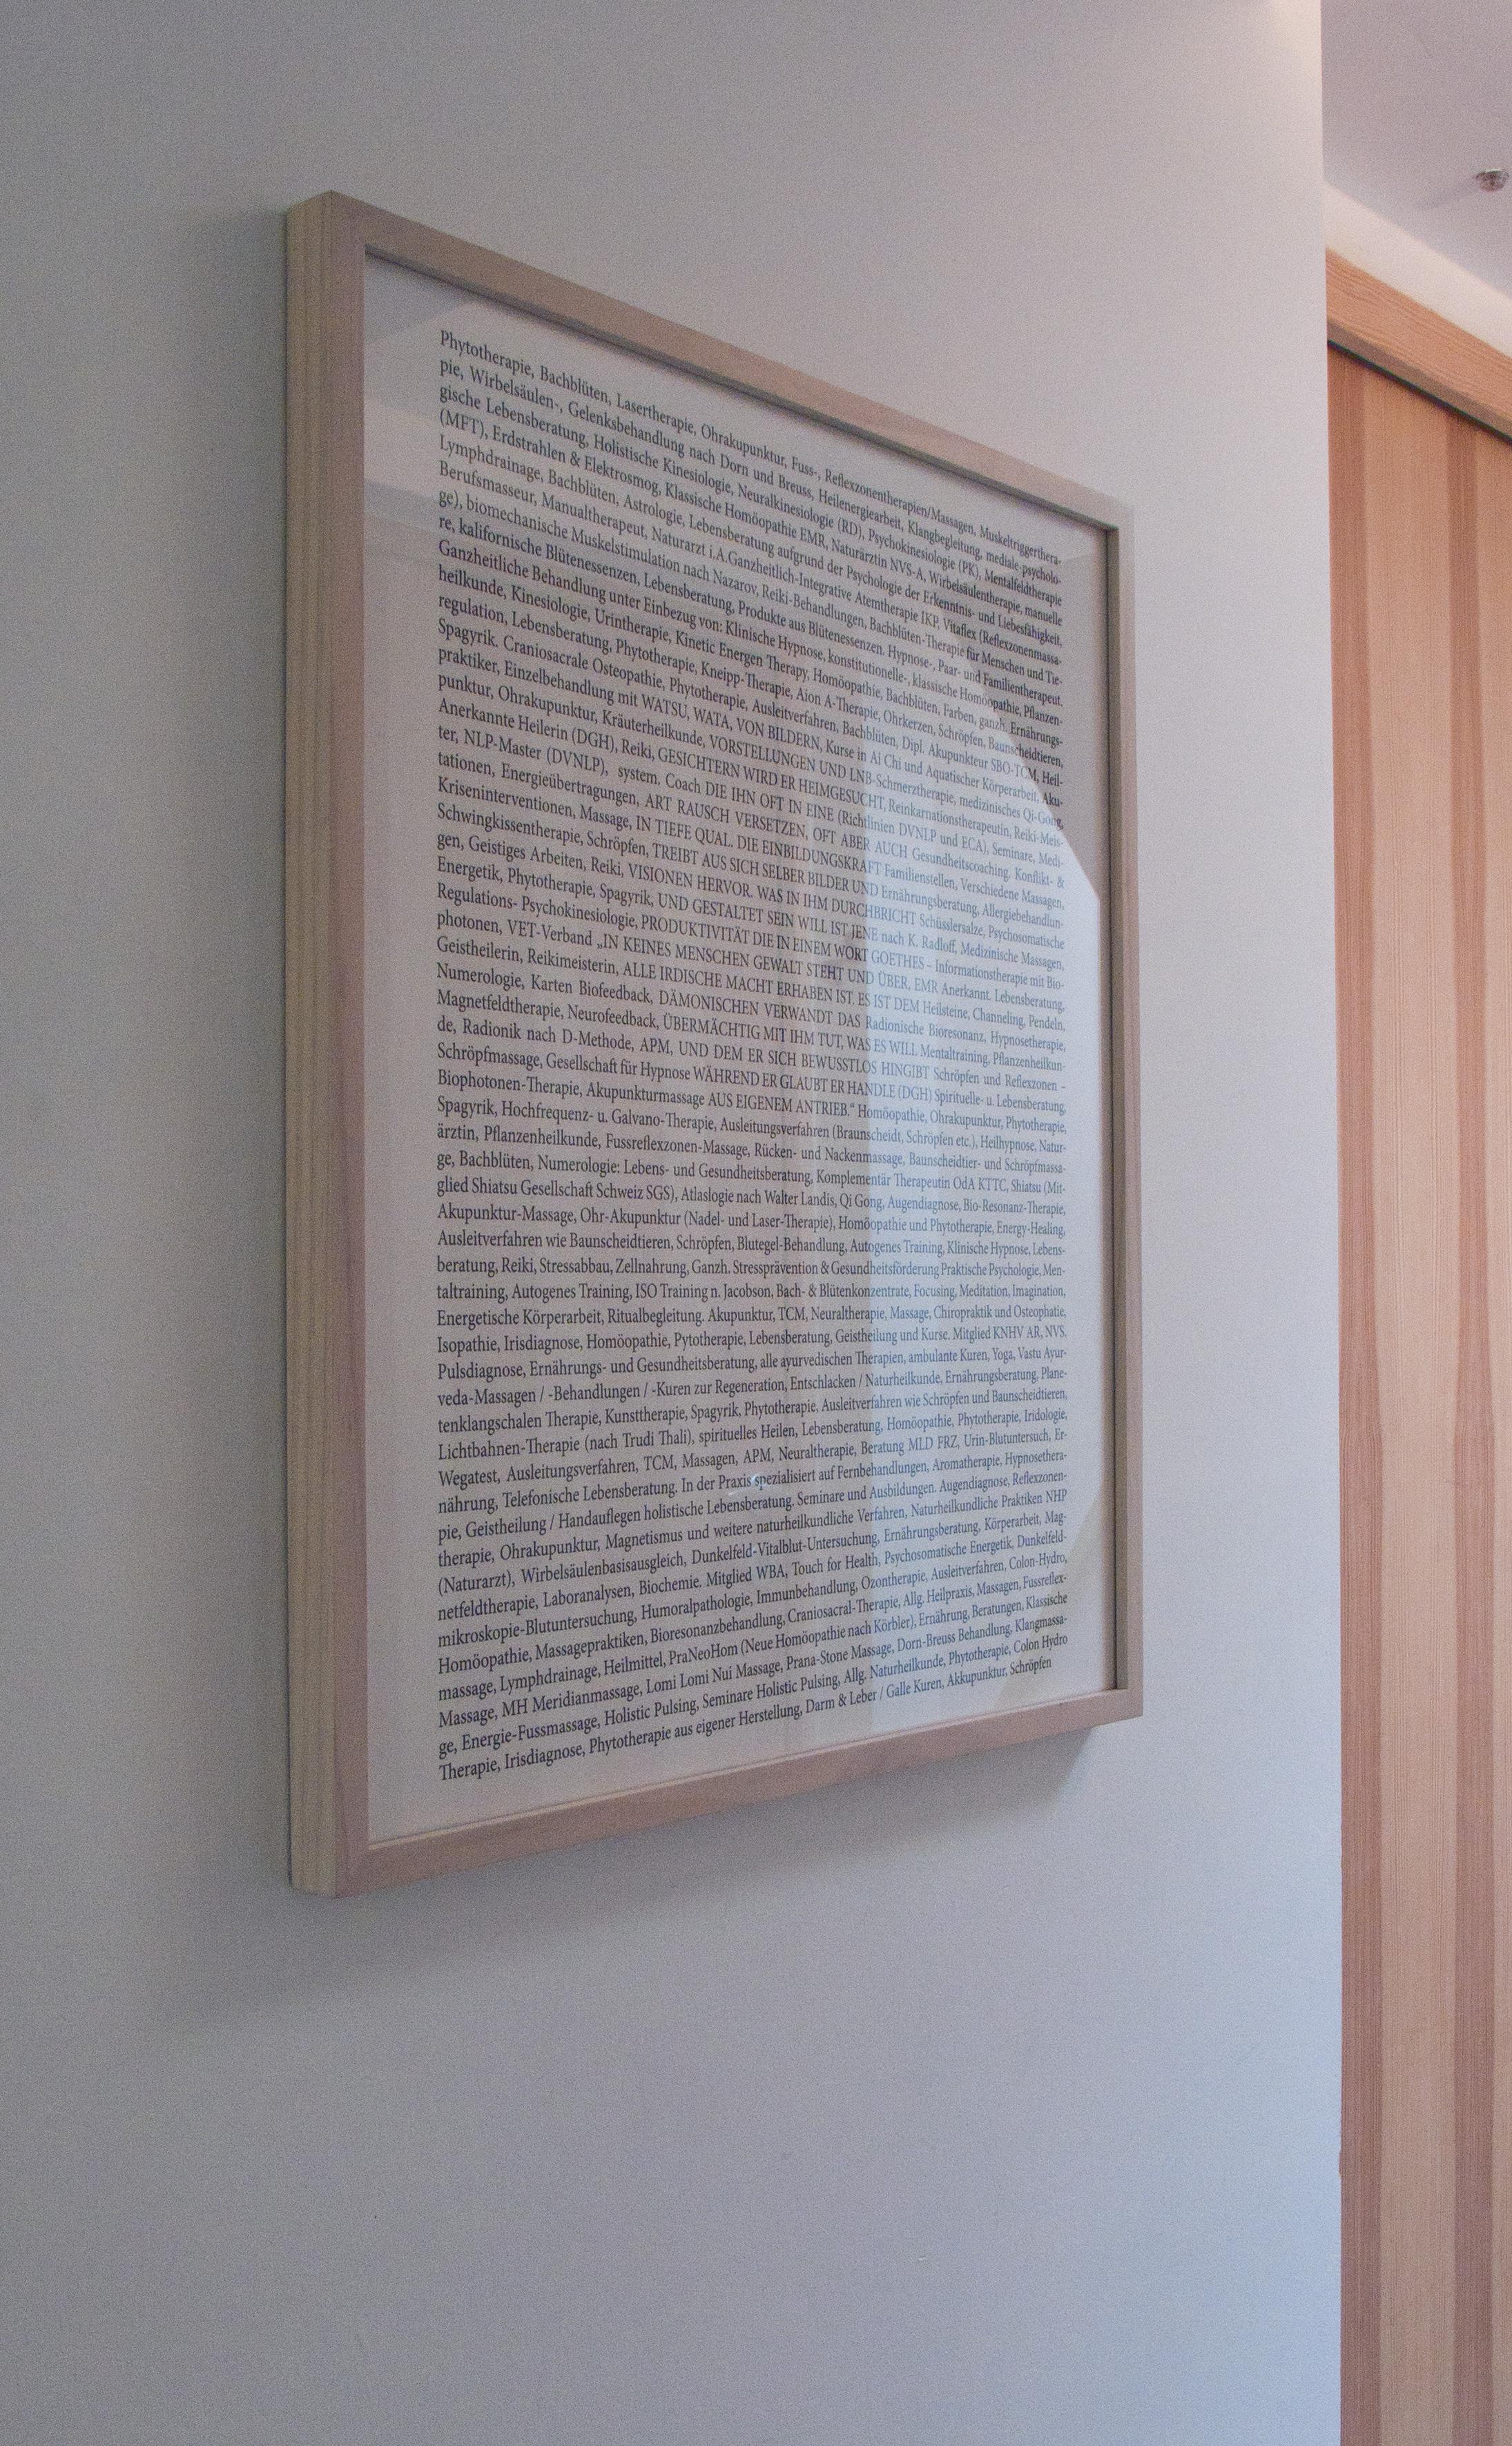 Blatt mit einer Auflistung von verschiedenen im Kanton Appenzell praktizierten Heilmethoden